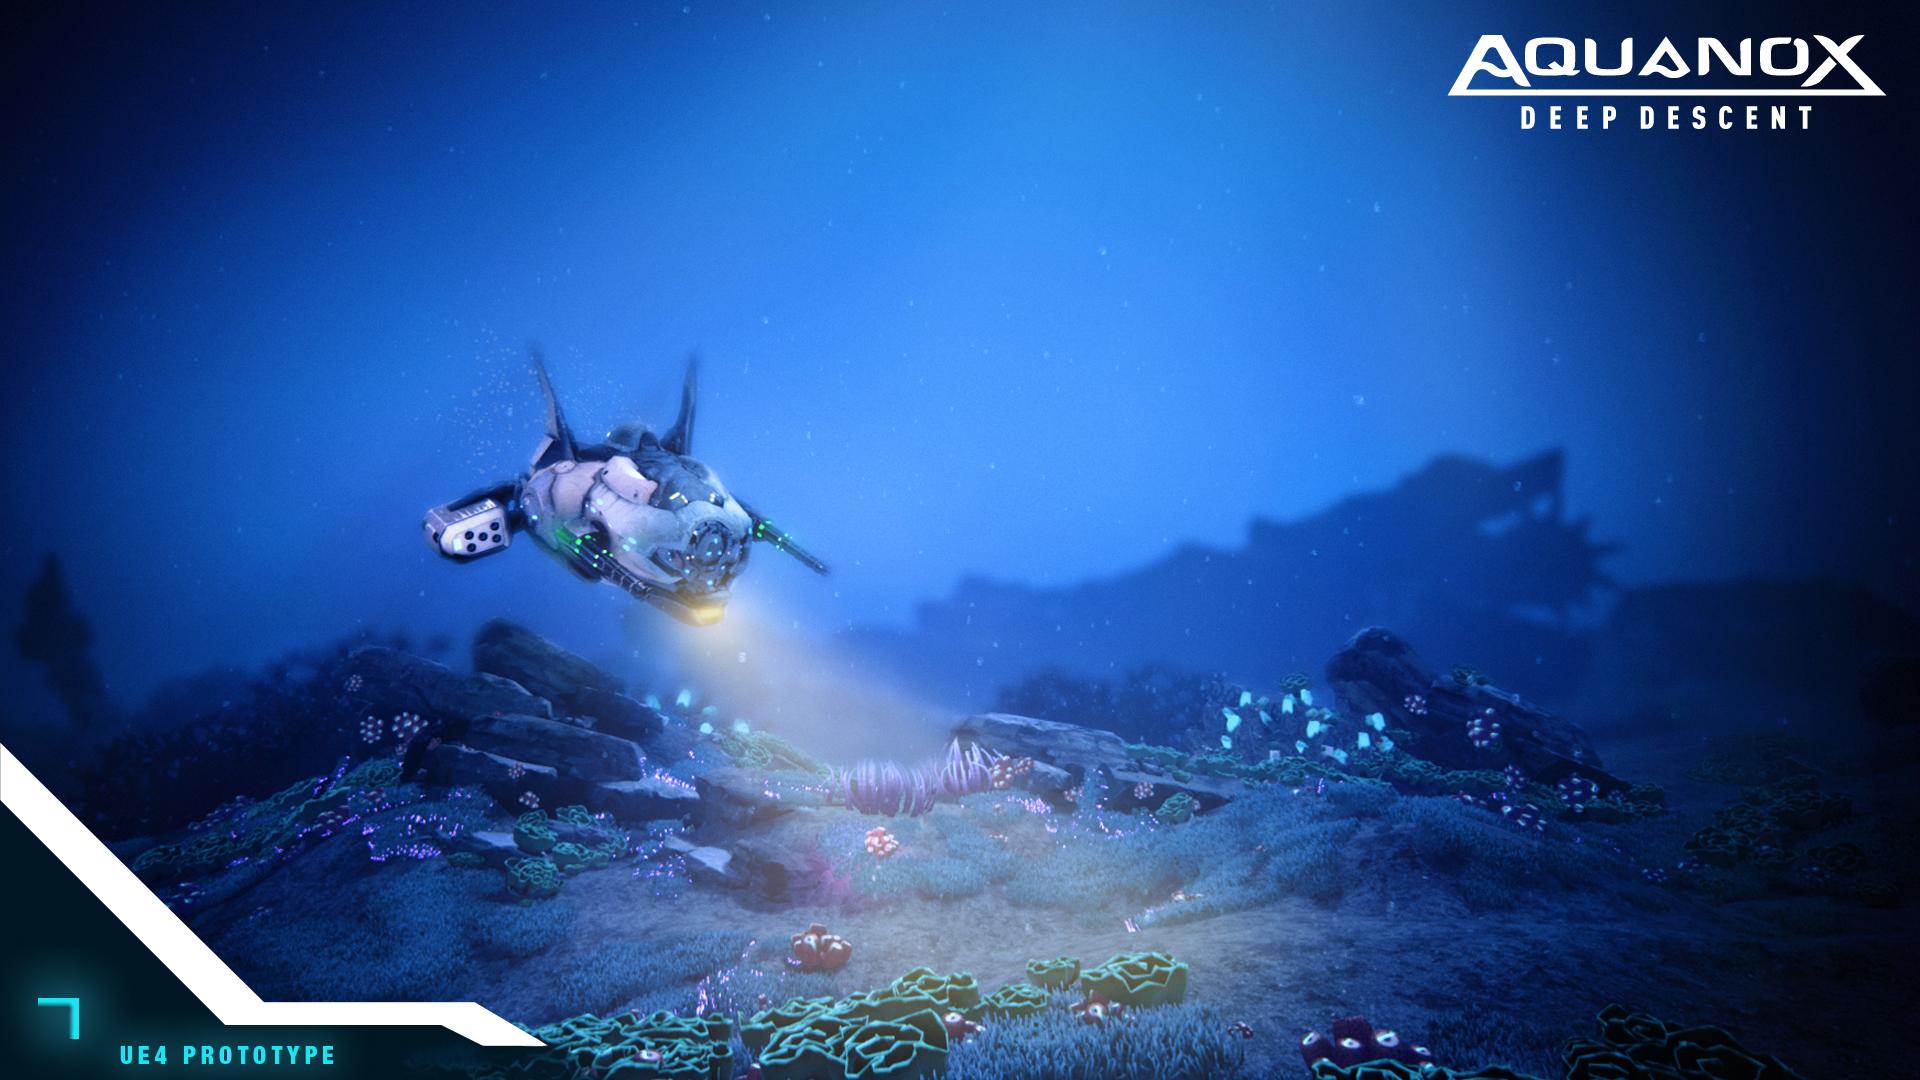 未来水世界:深度侵袭插图3